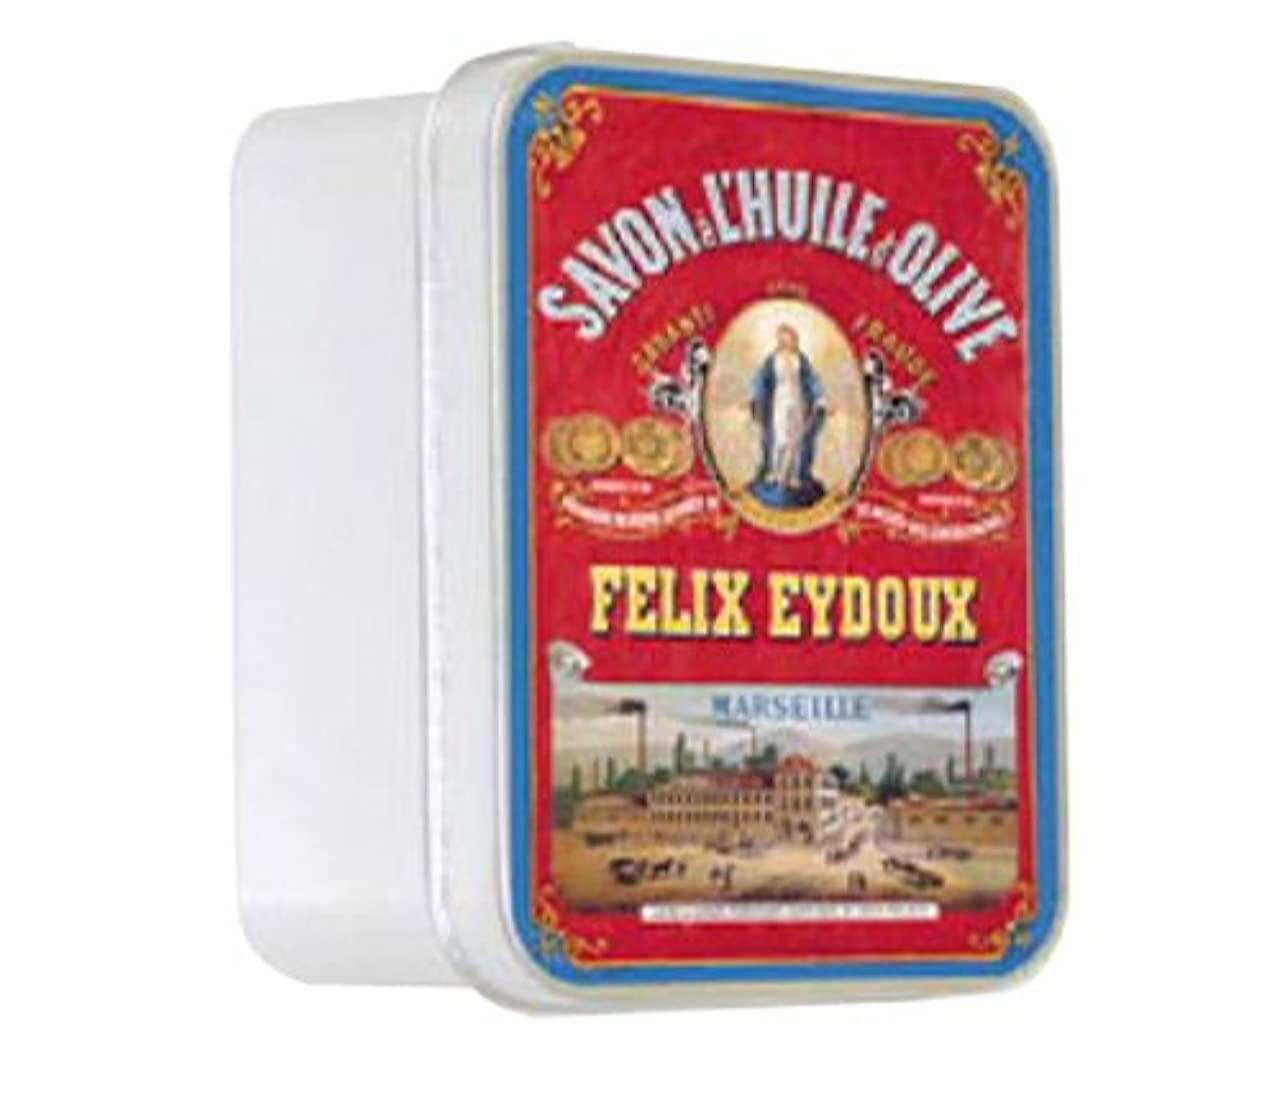 前進例外住むルブランソープ メタルボックス(マルセイユソープ?オリーブの香り)石鹸